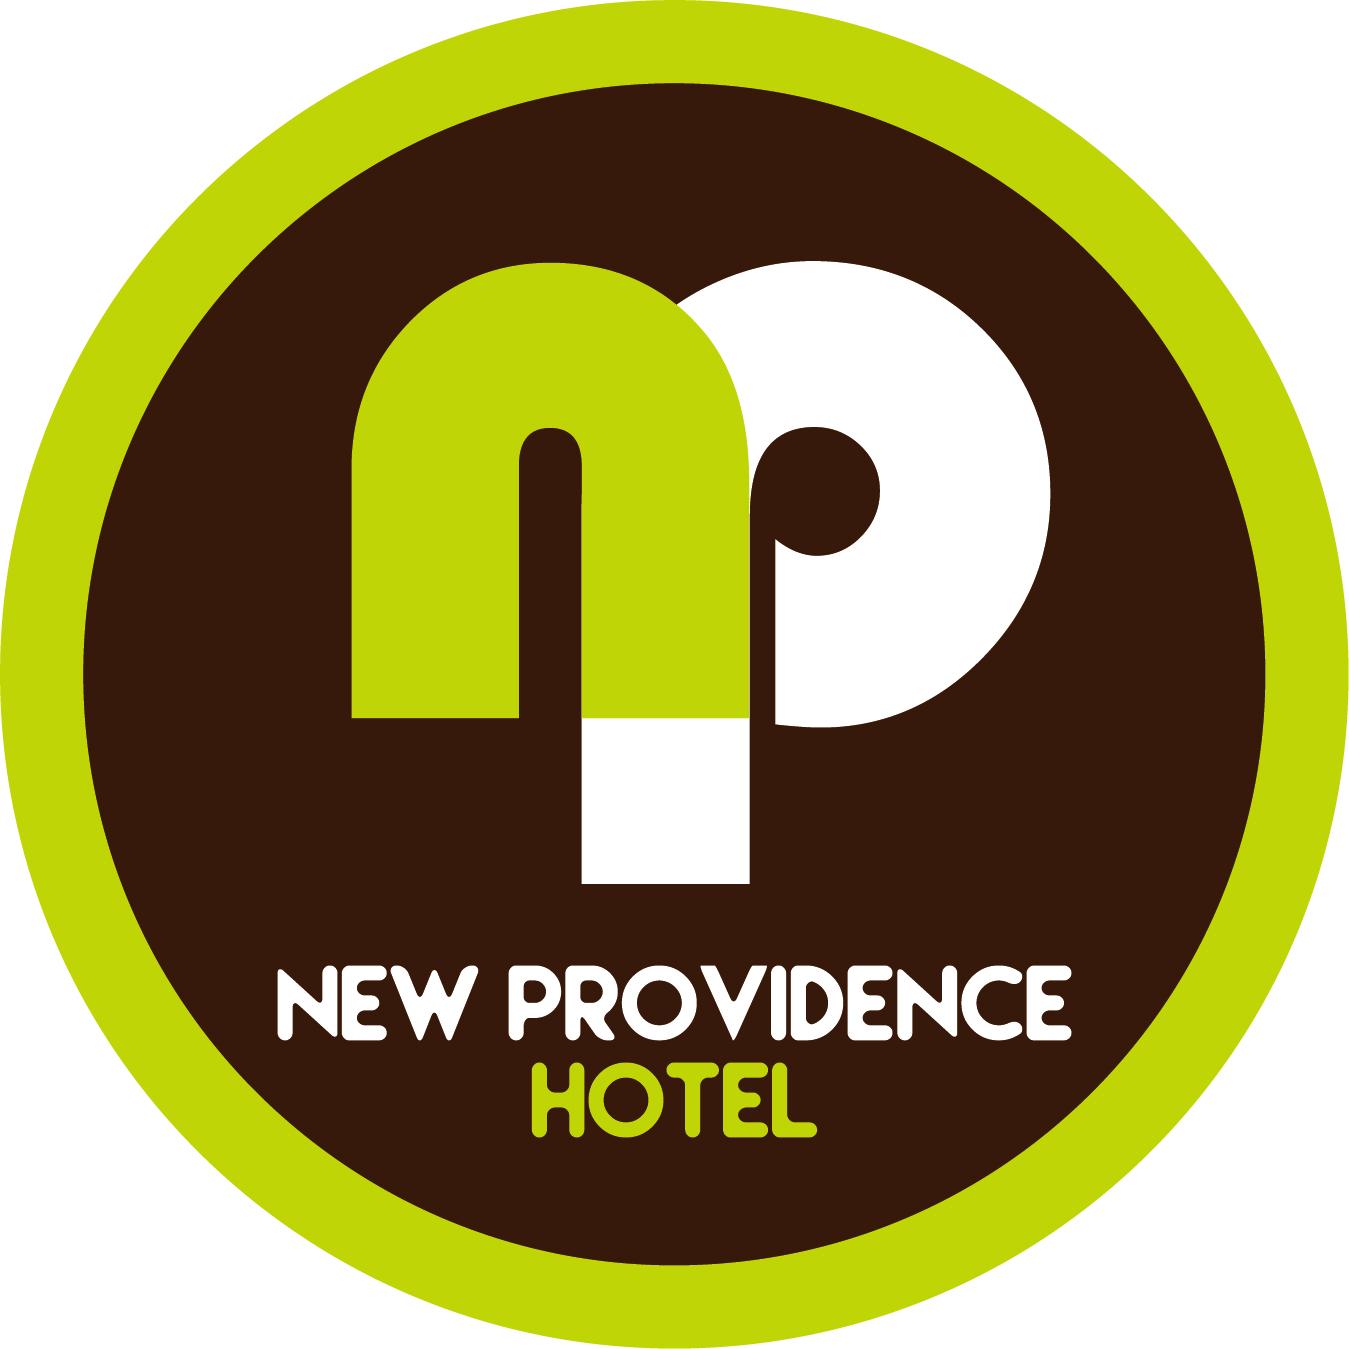 New Providence Hotel